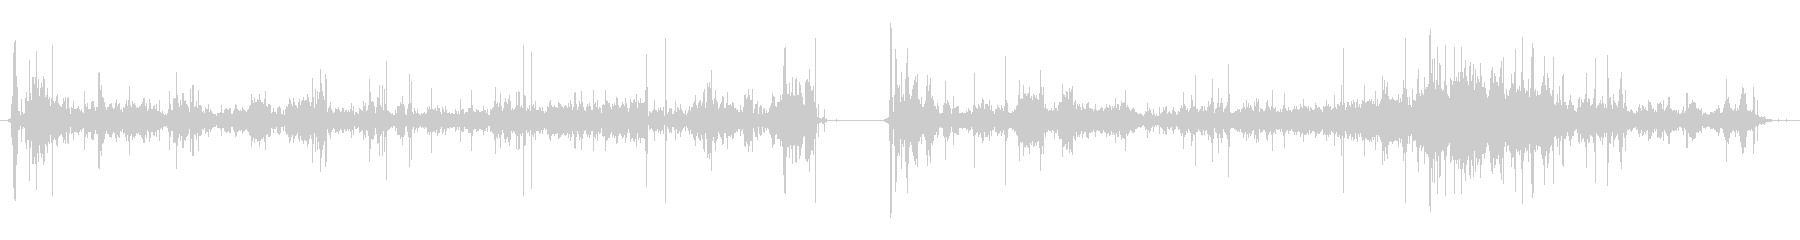 ダウンヒルスキーヤー:陸上からジャ...の未再生の波形